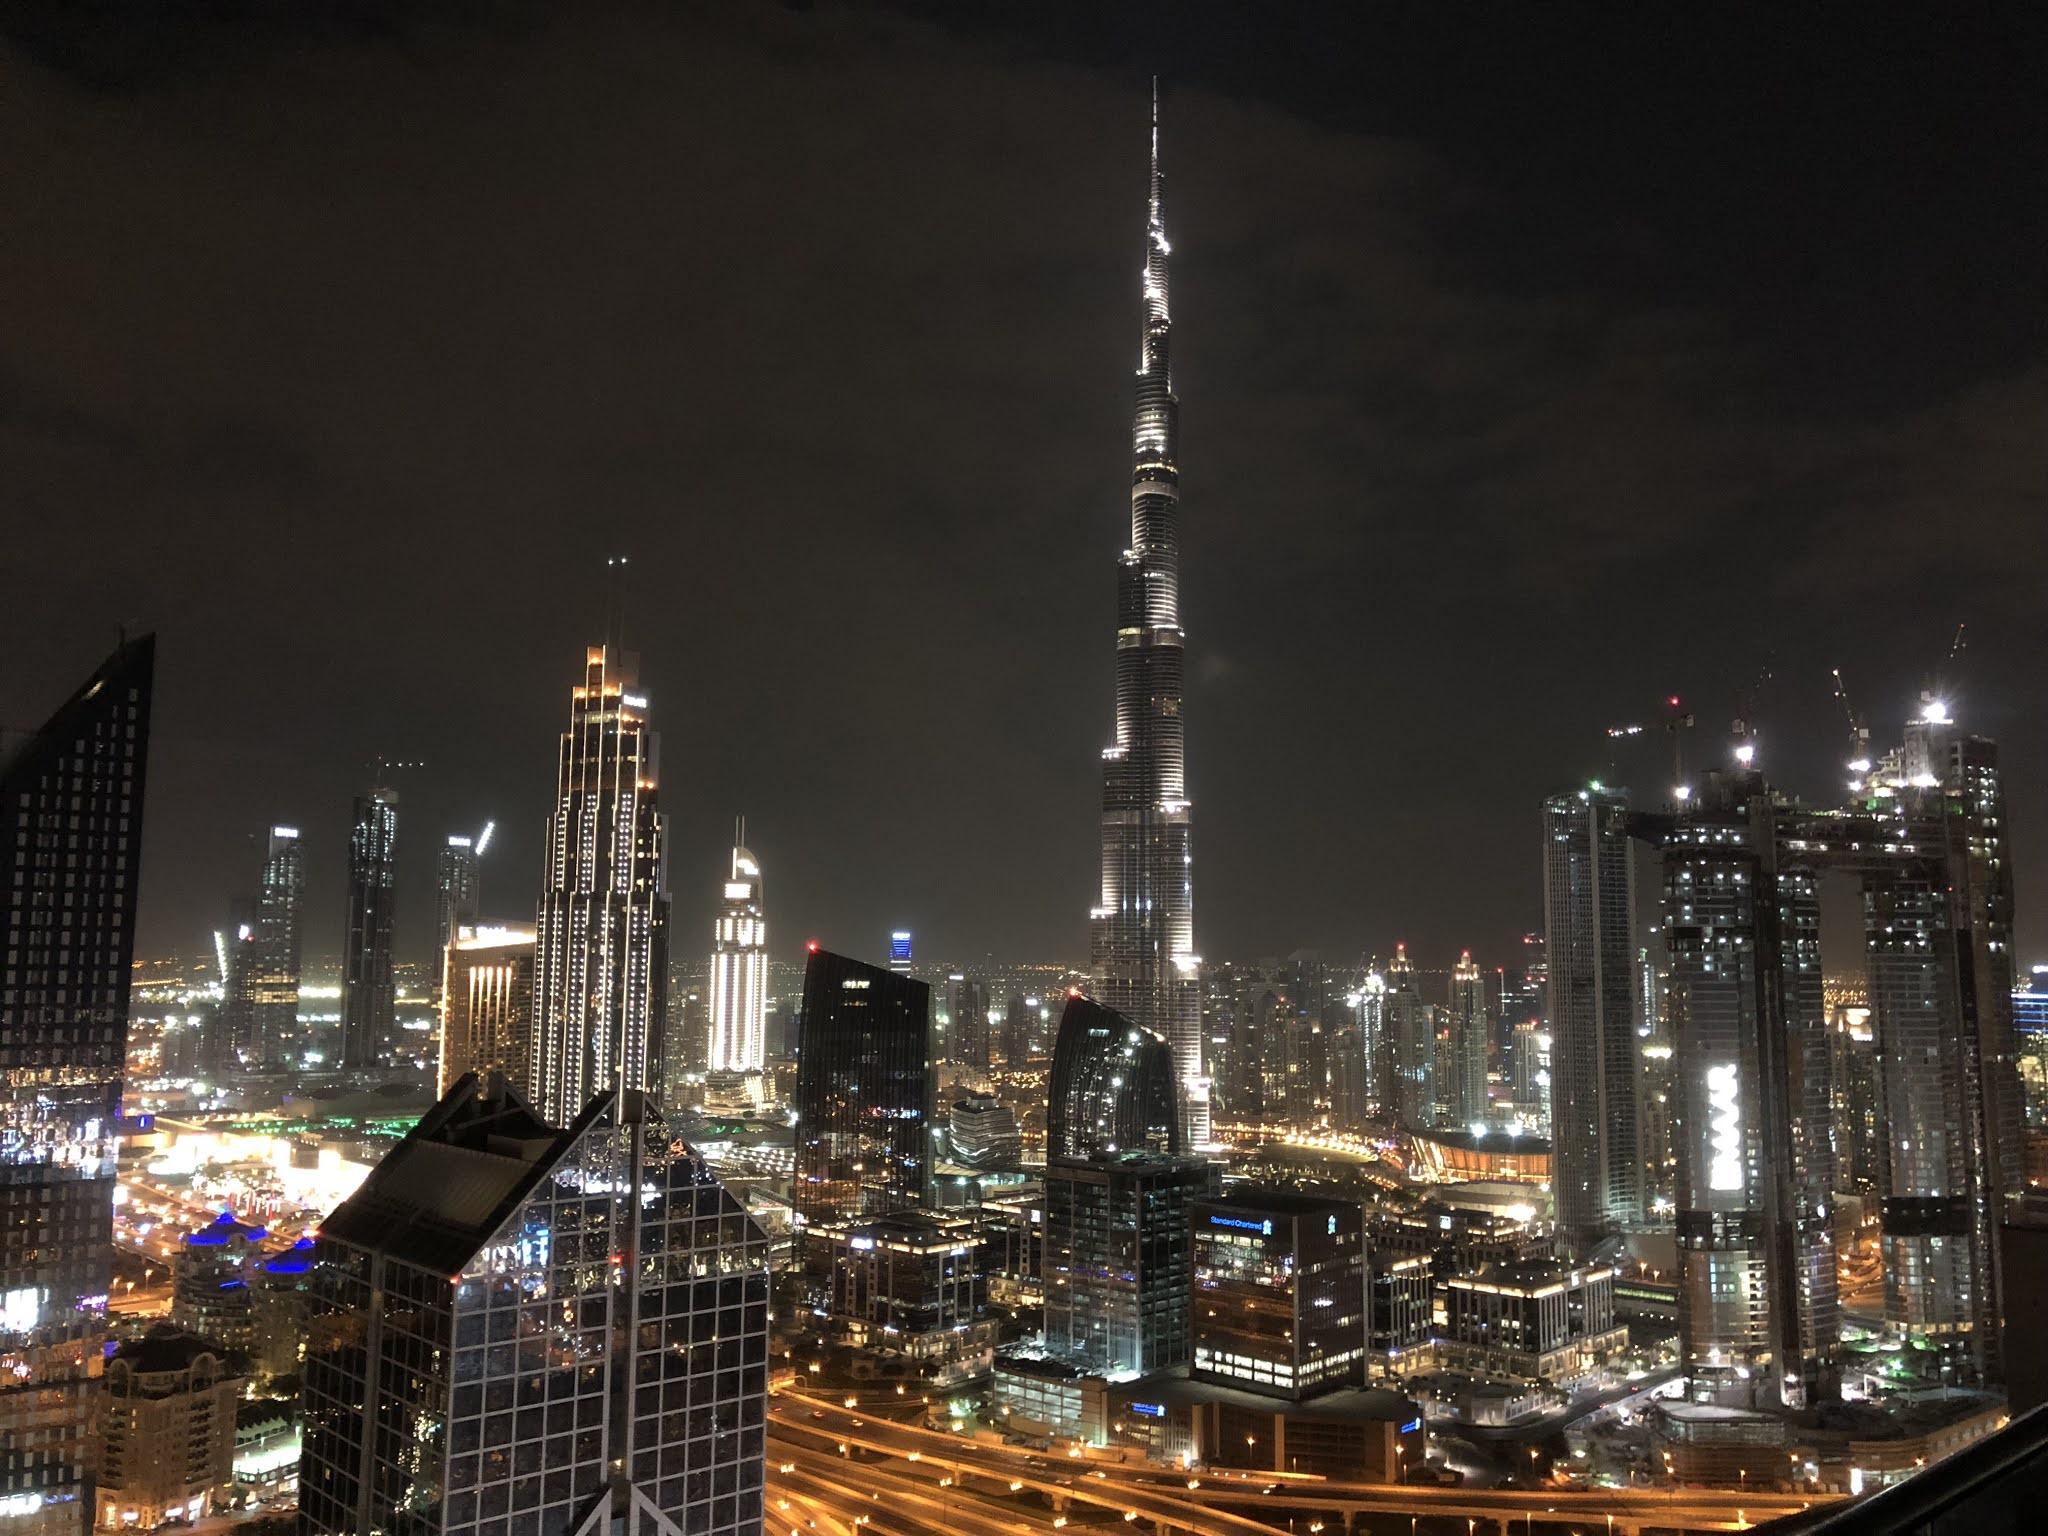 دبي تجذب أهم شركات التكنولوجيا